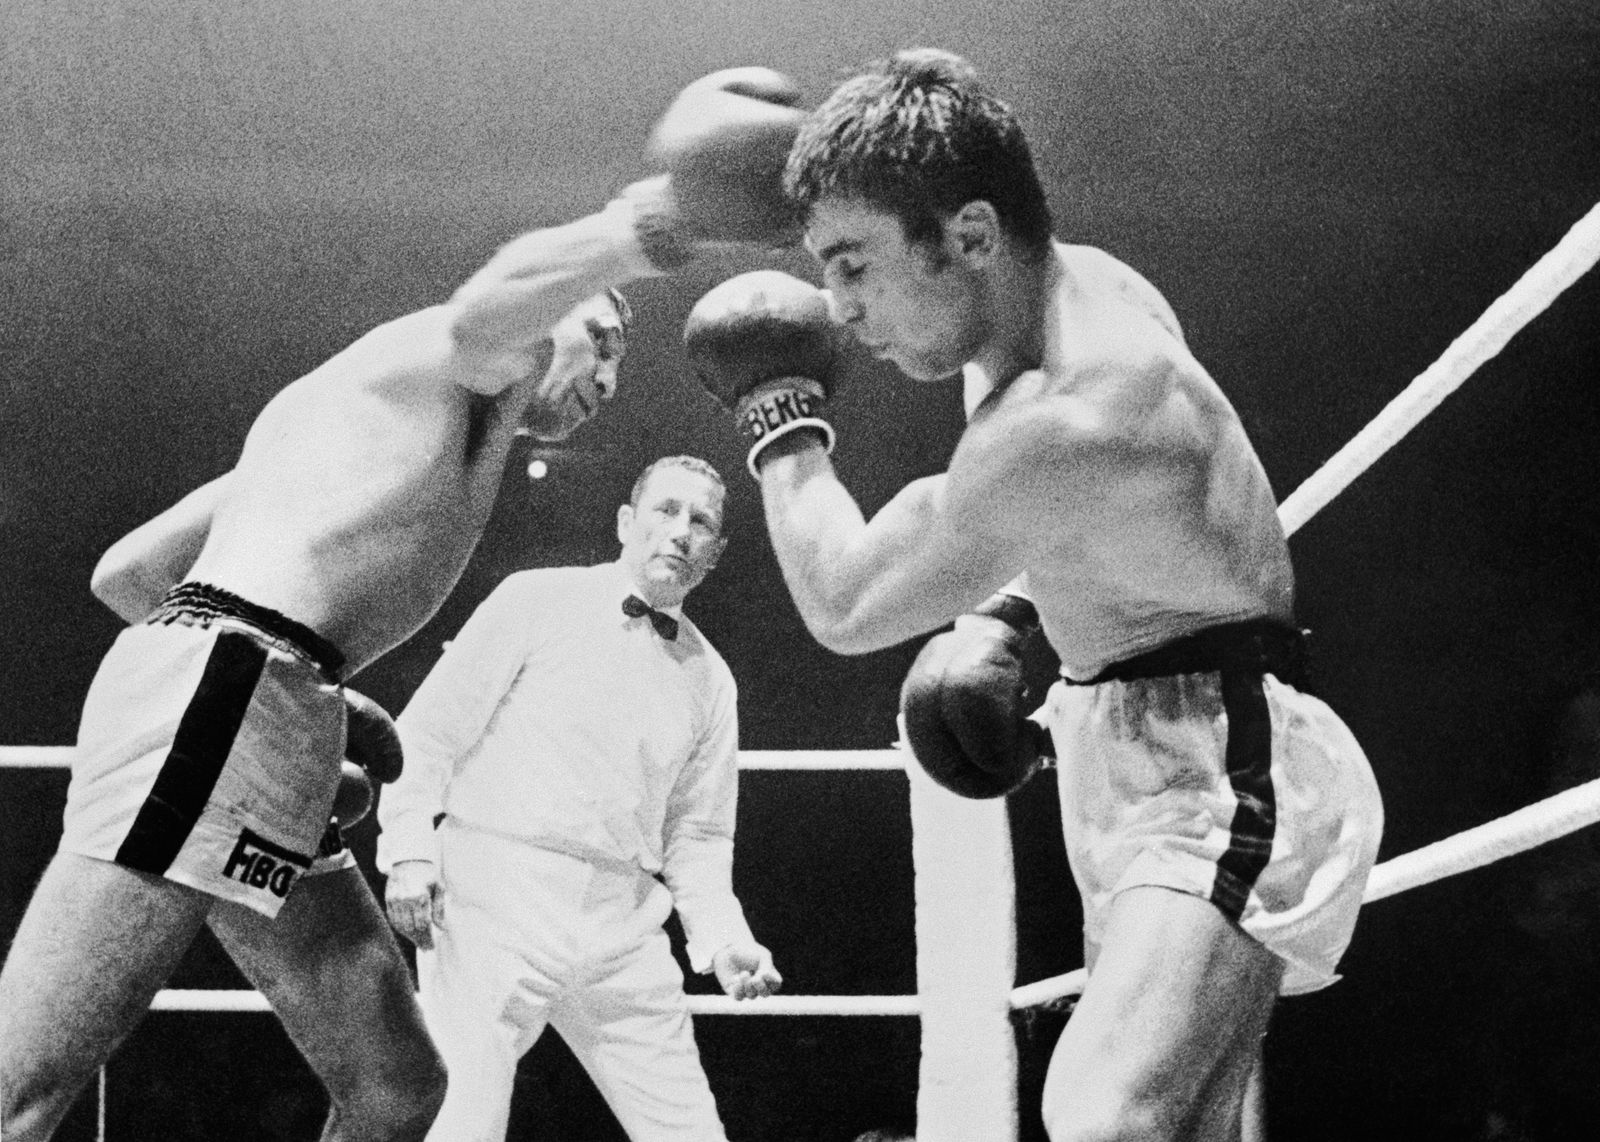 NICHT MEHR VERWENDEN! - Boxer gestorben im Ring/ Jupp Elze